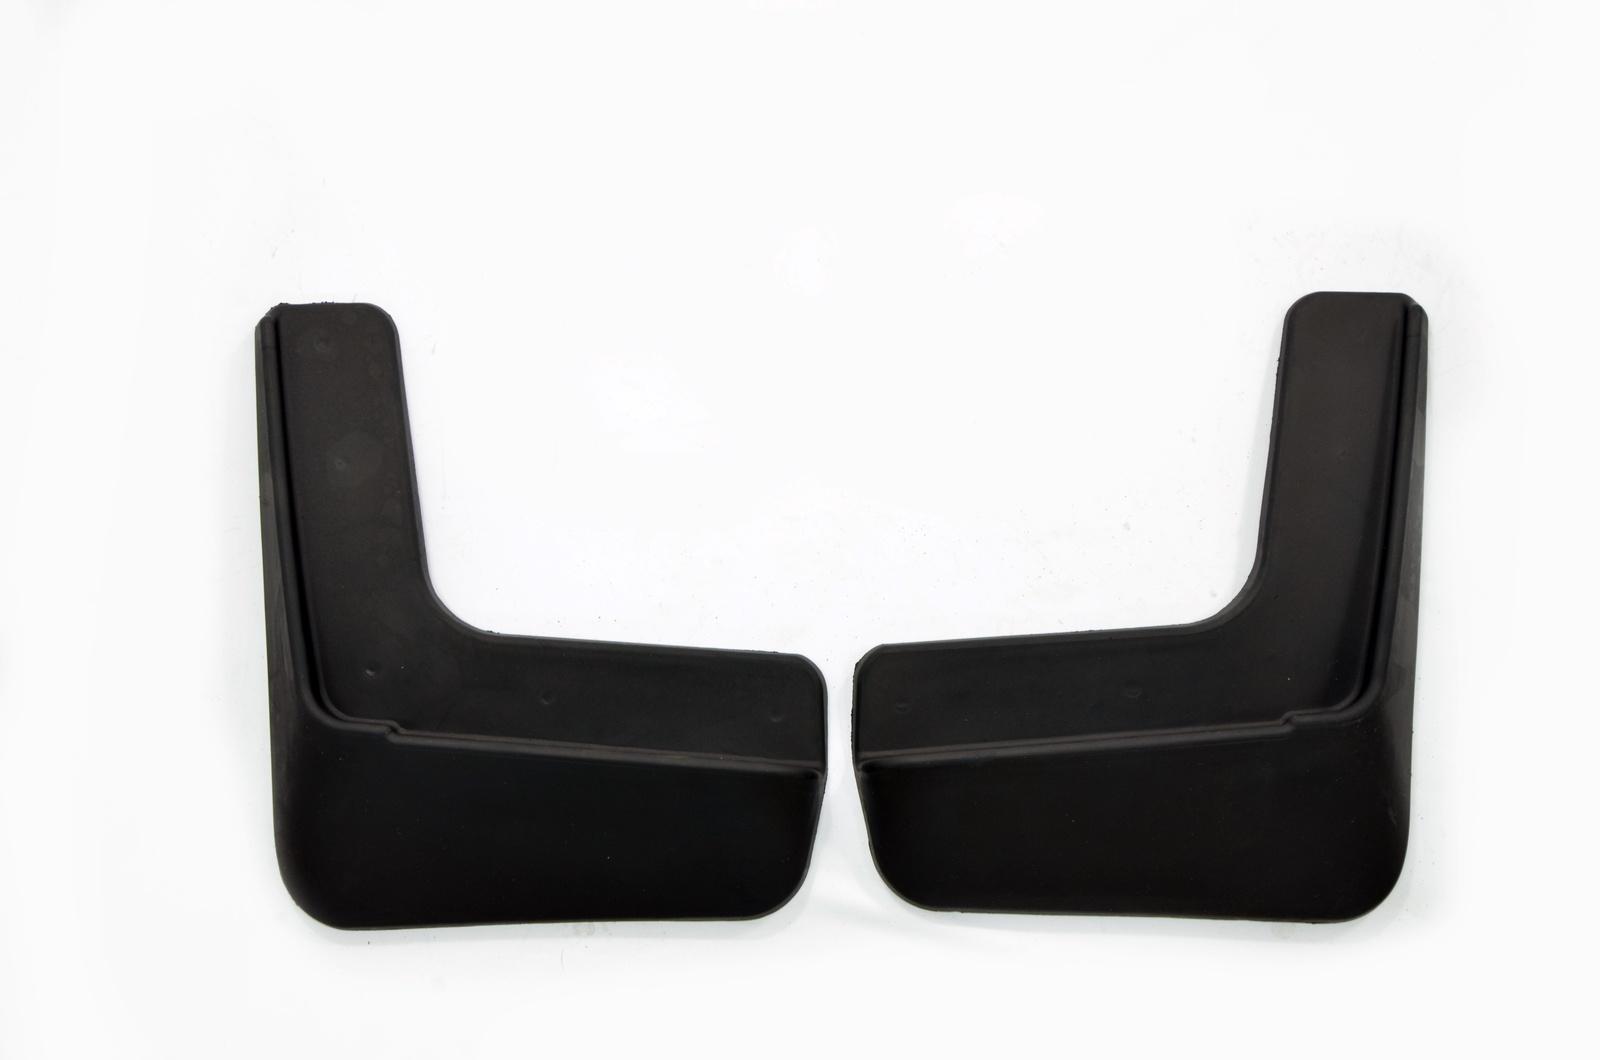 Брызговики резиновые для Hyundai Creta (2016-) Задние подкрылки с шумоизоляцией hyundai creta 2016 кроссовер передние и задние